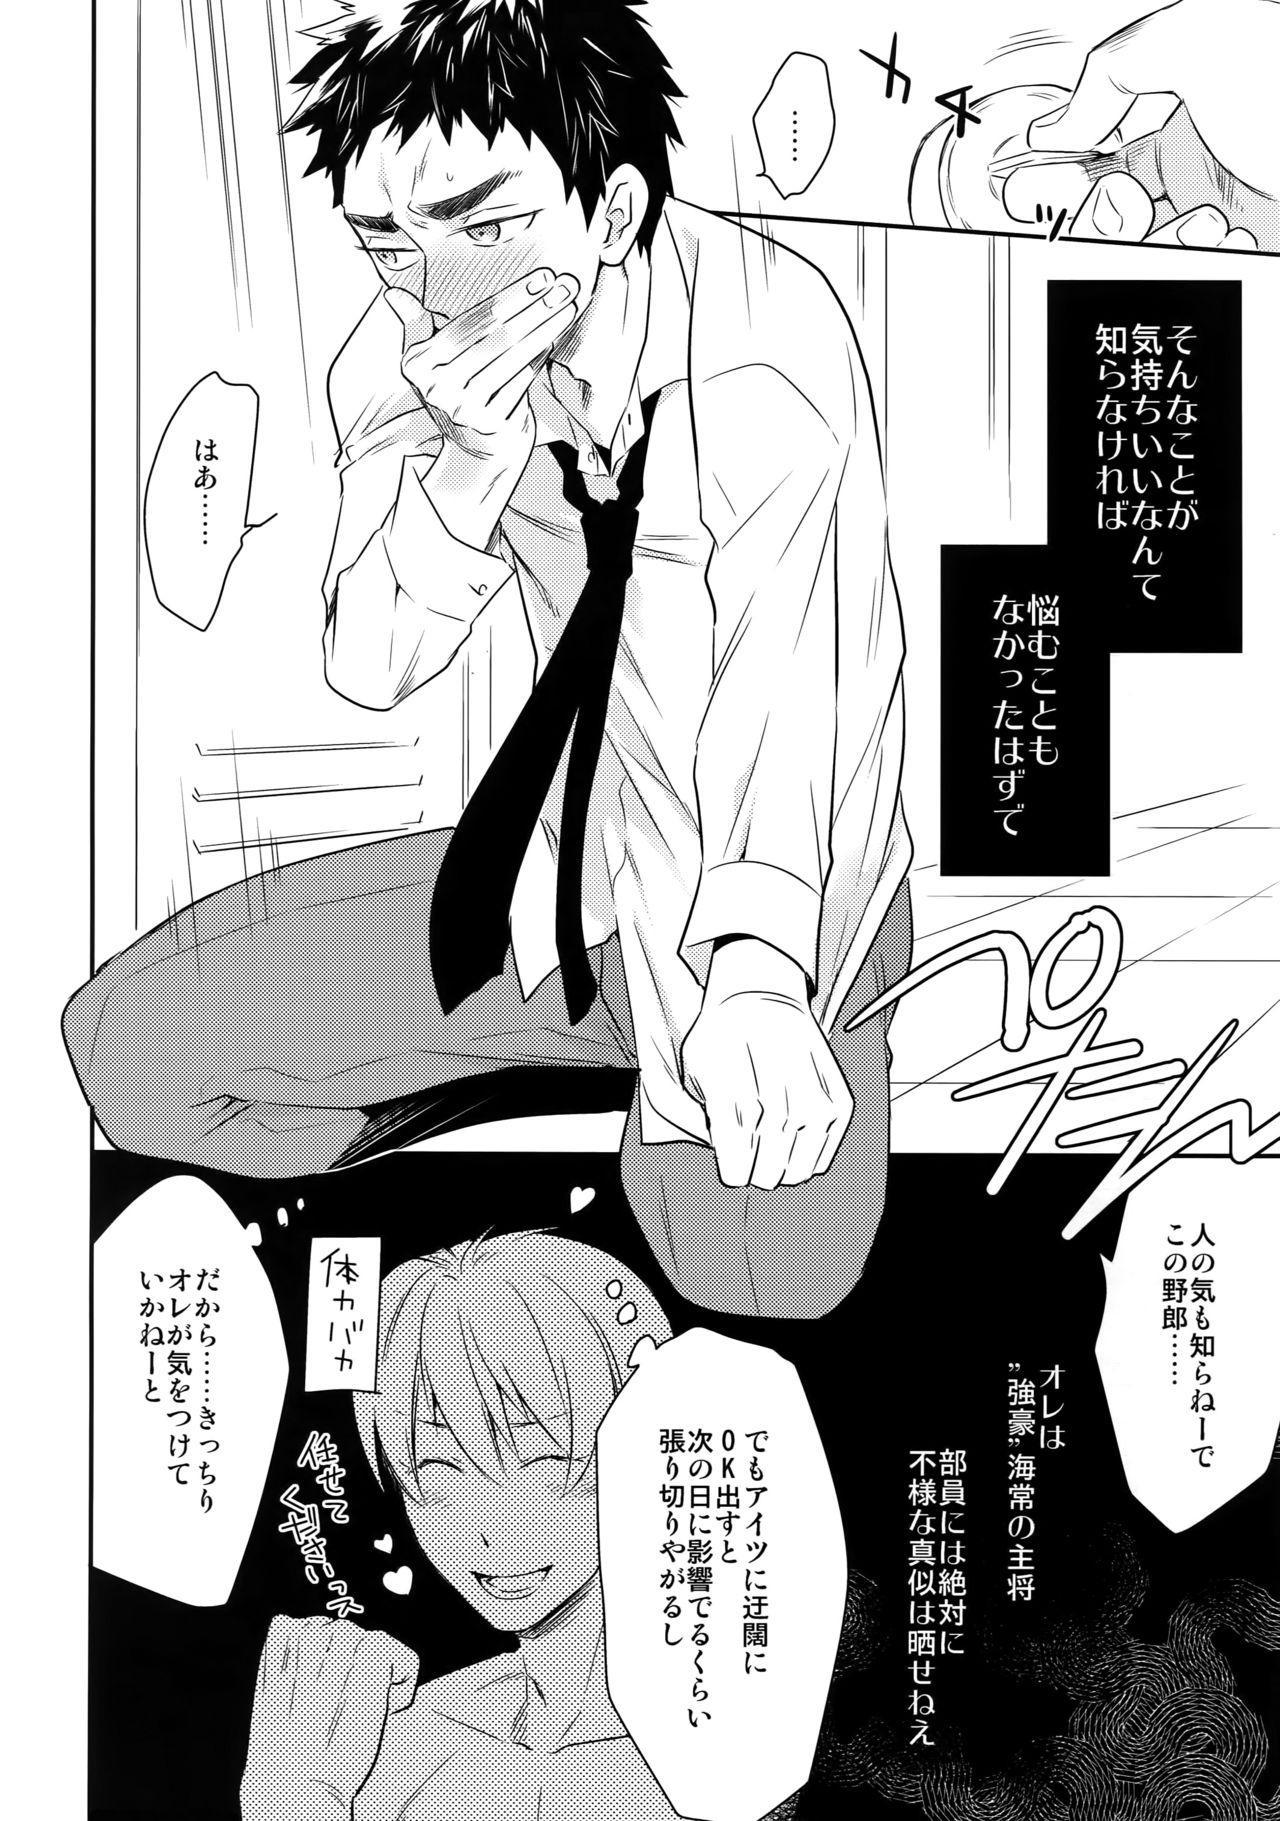 [Bakuchi Jinsei SP (Satsuki Fumi)] Kanpeki Kareshi to Zettai Ryouiki Ouji-sama - Another Version - (Kuroko no Basket) 90